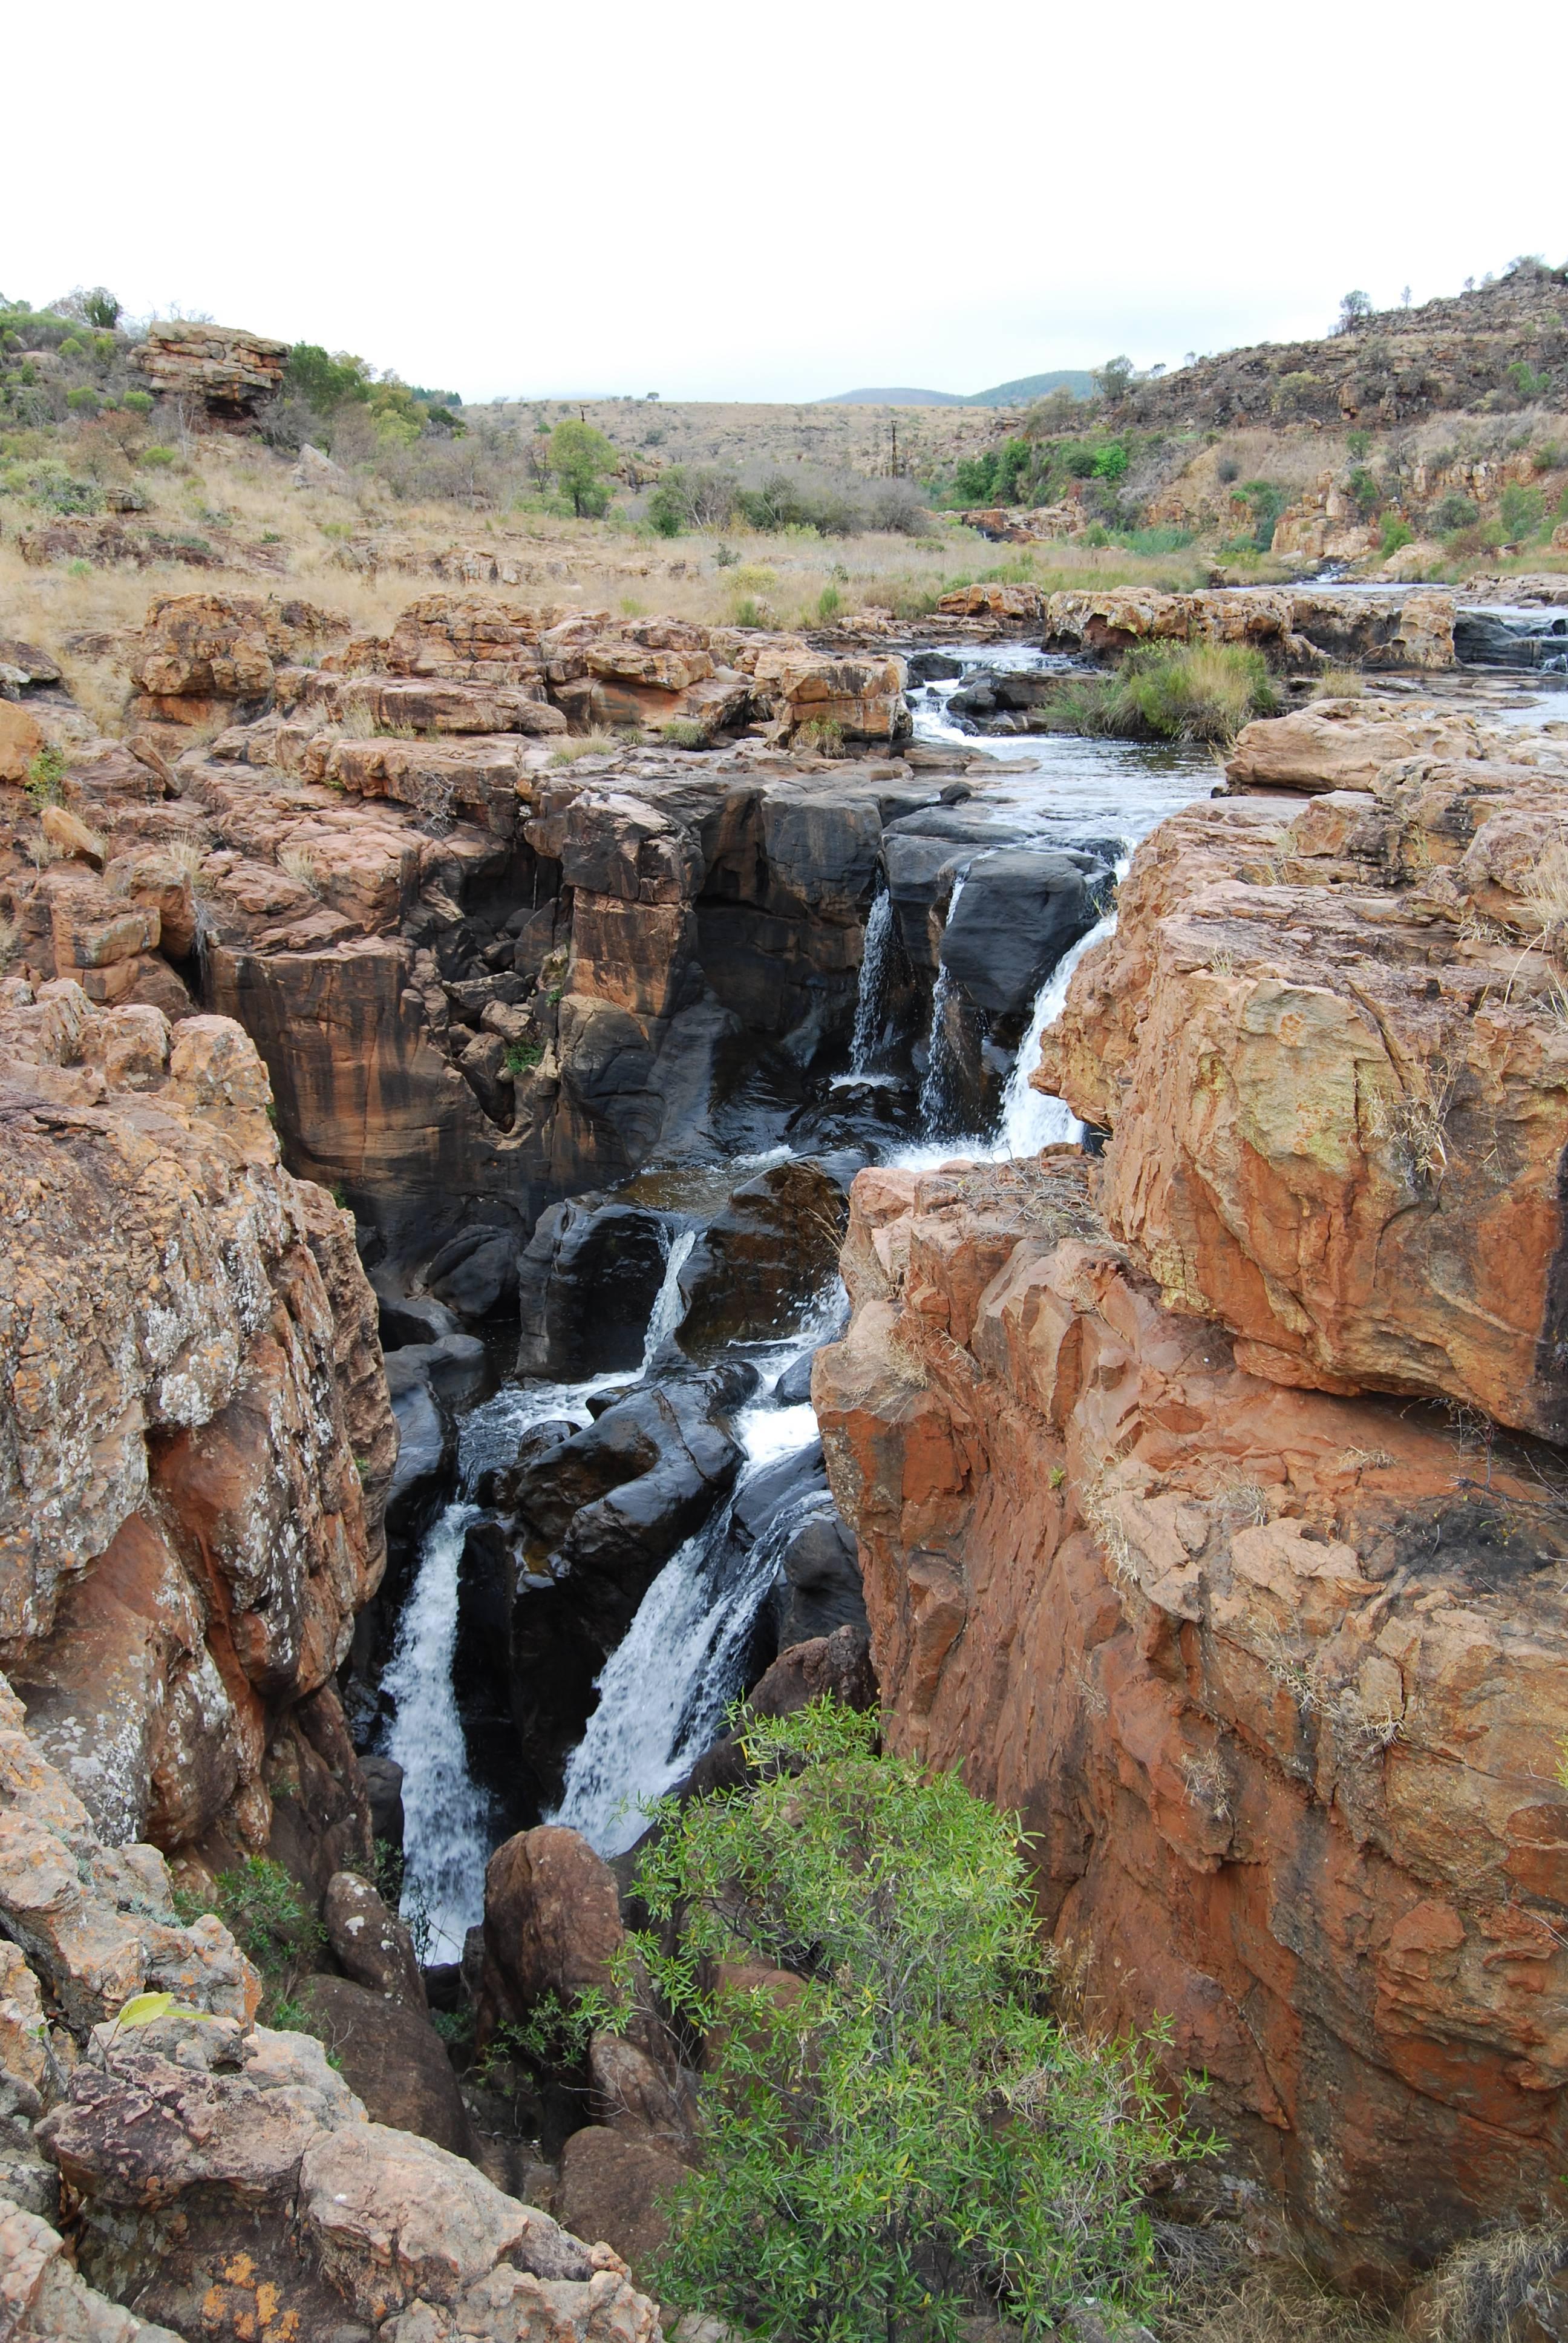 Photo 3: Blyde River Canyon, même sous la pluie